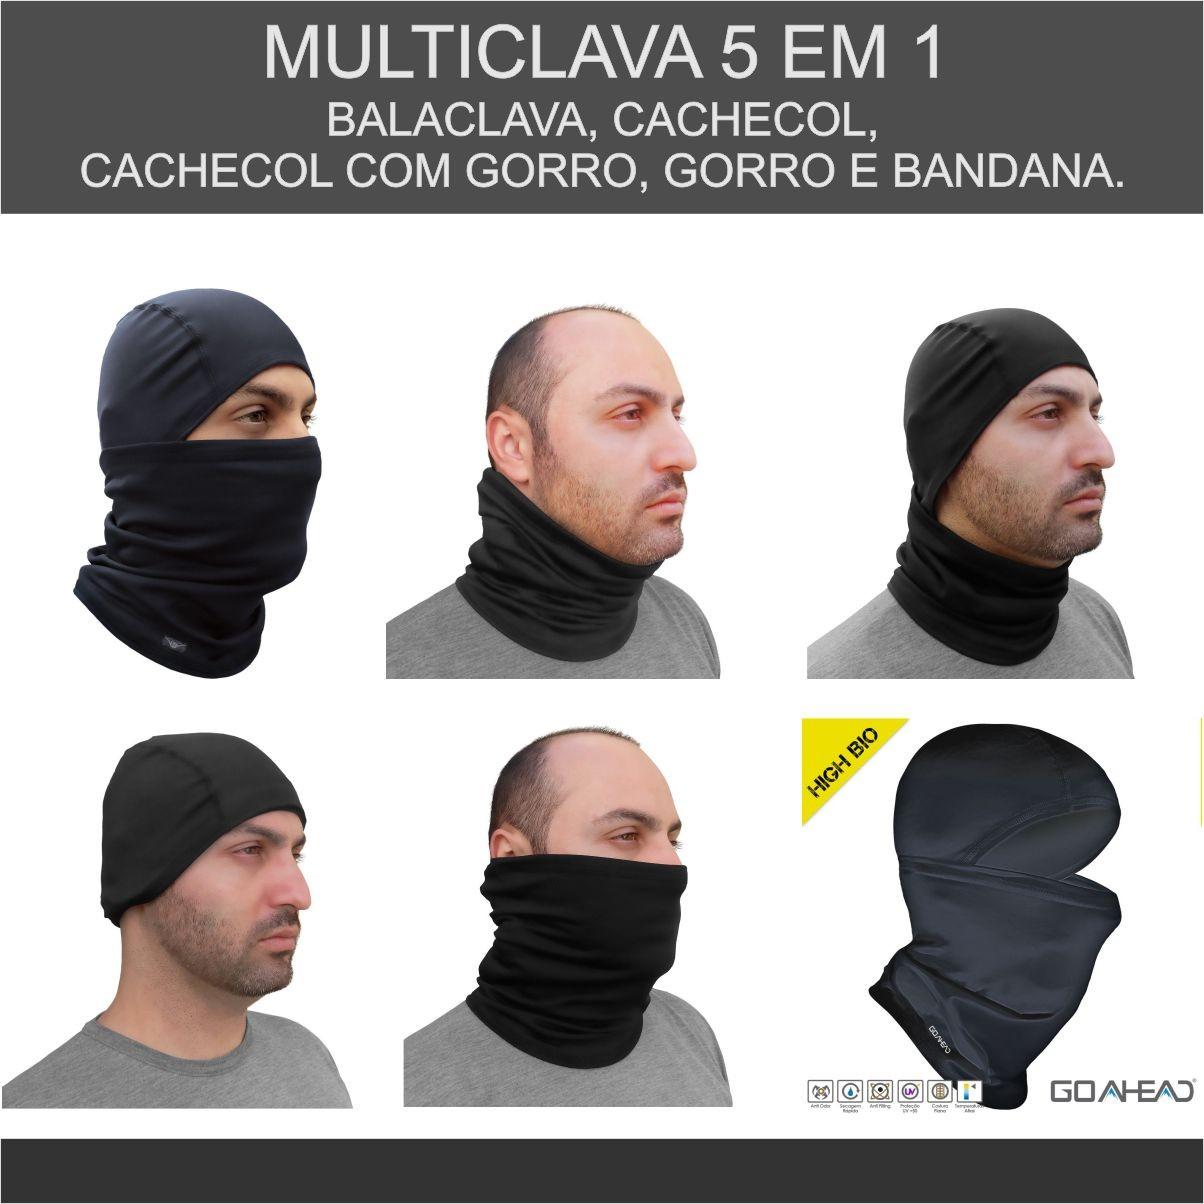 MULTICLAVA GO AHEAD PRETO TAMANHO ÚNICO HIGH BIO ( CALOR - VERÃO )